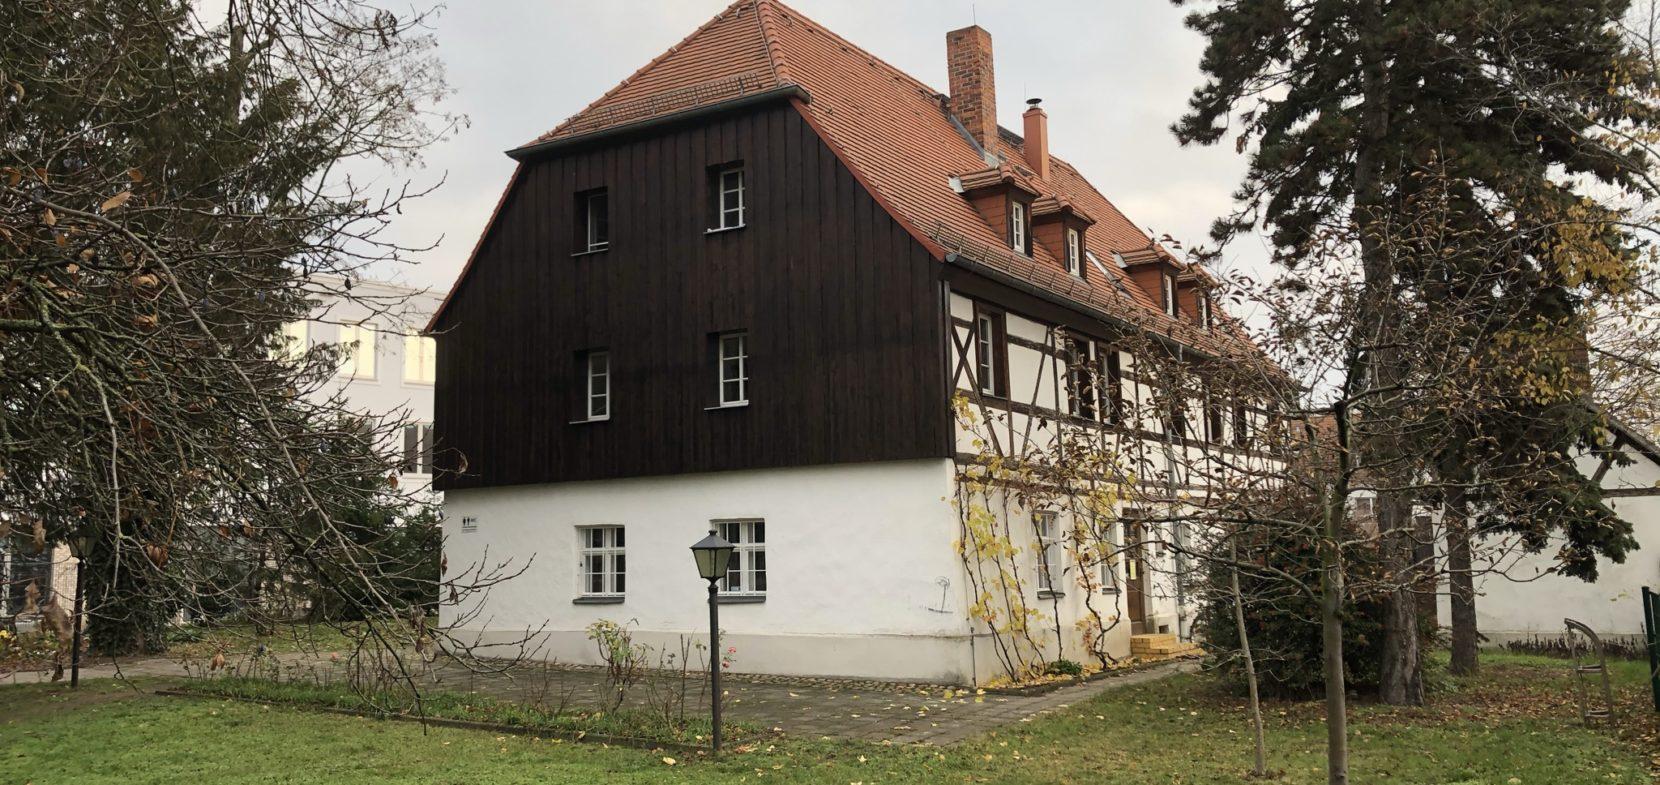 Pfarrhaus Wahren